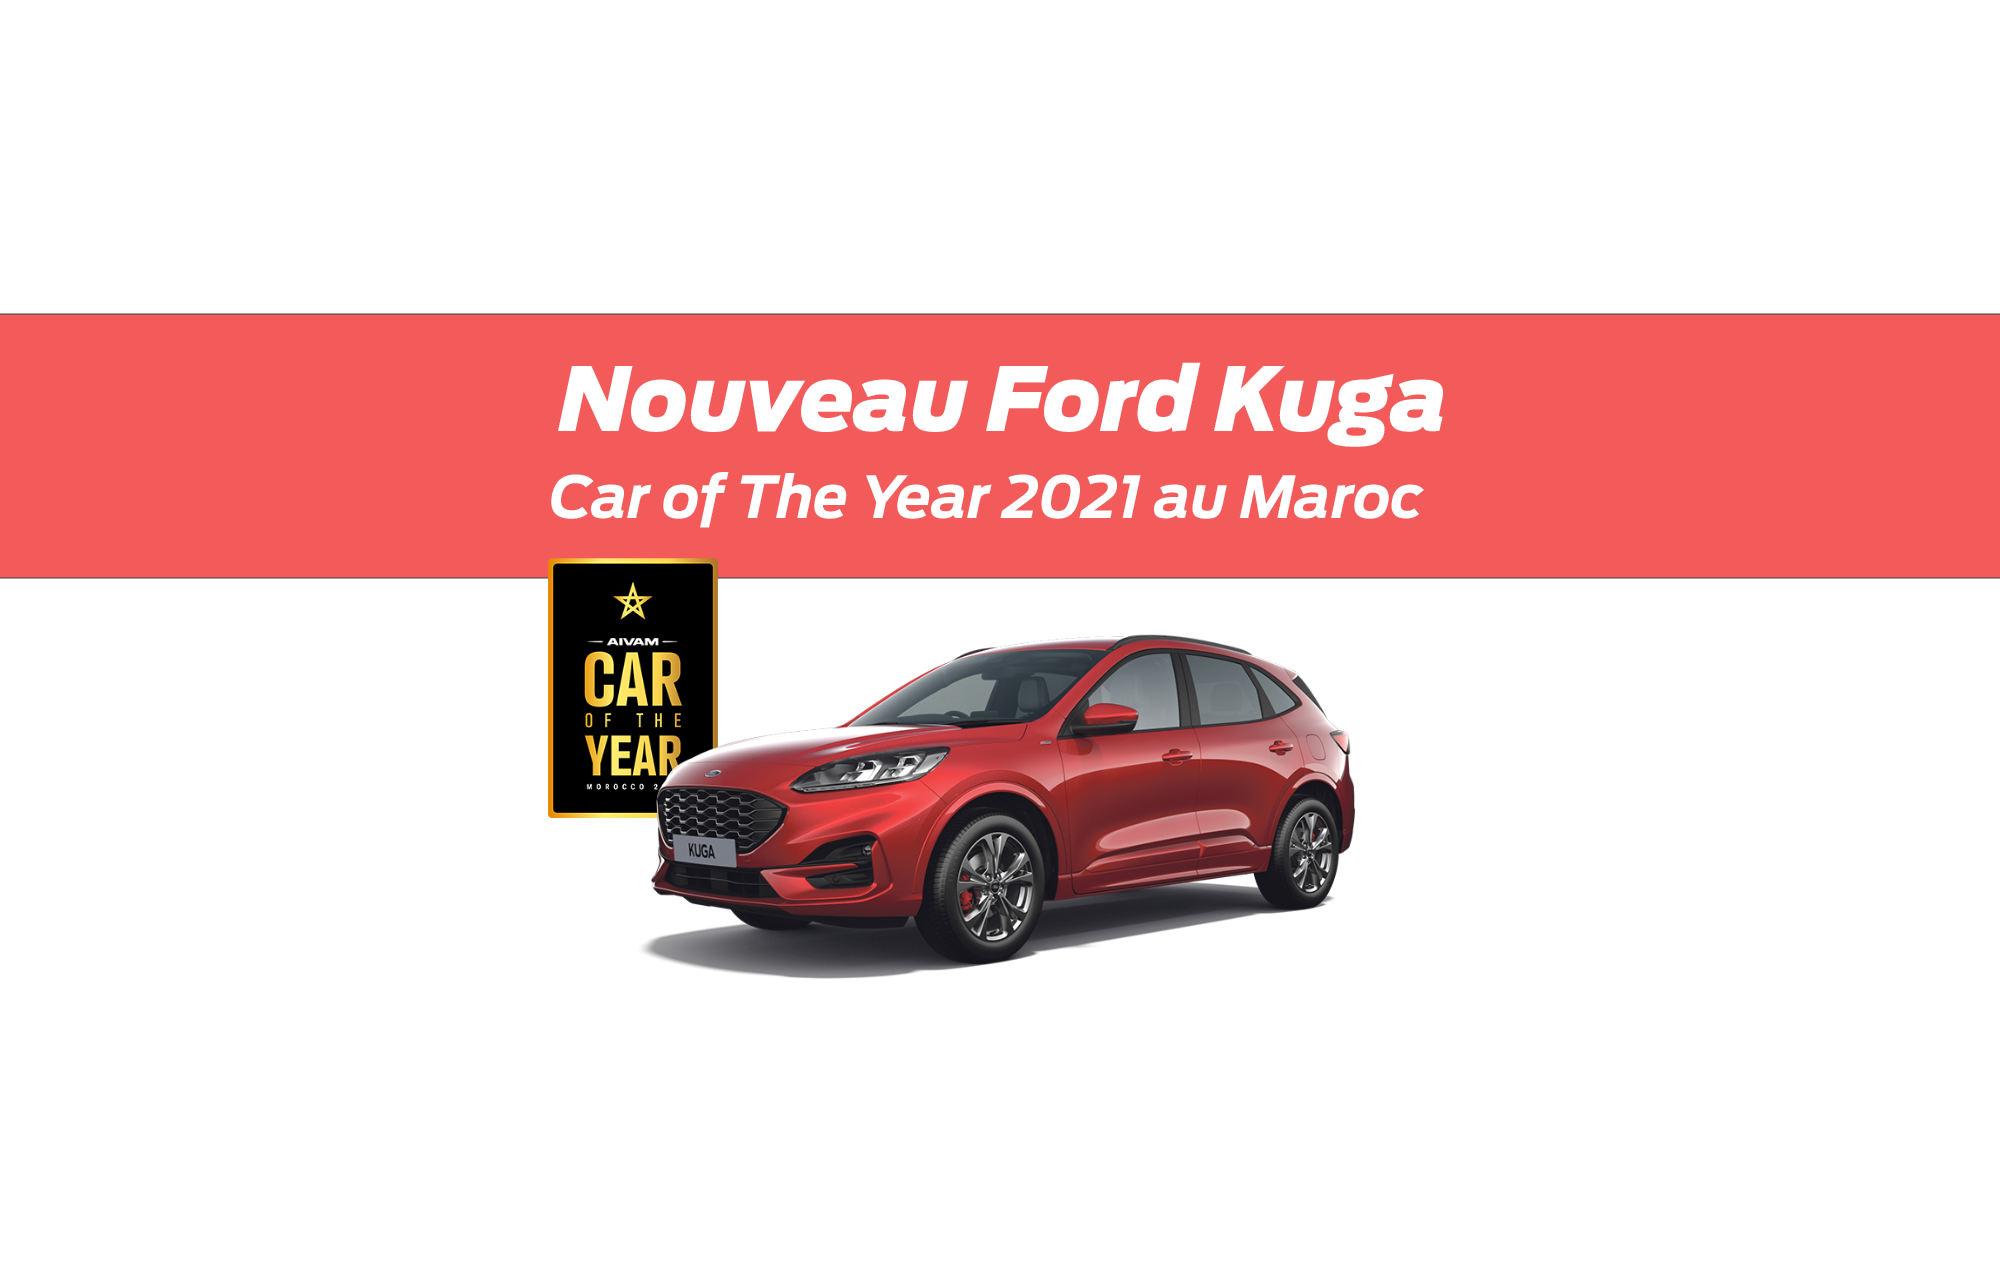 Le Nouveau Ford Kuga élu « Car of the Year 2021 » au Maroc